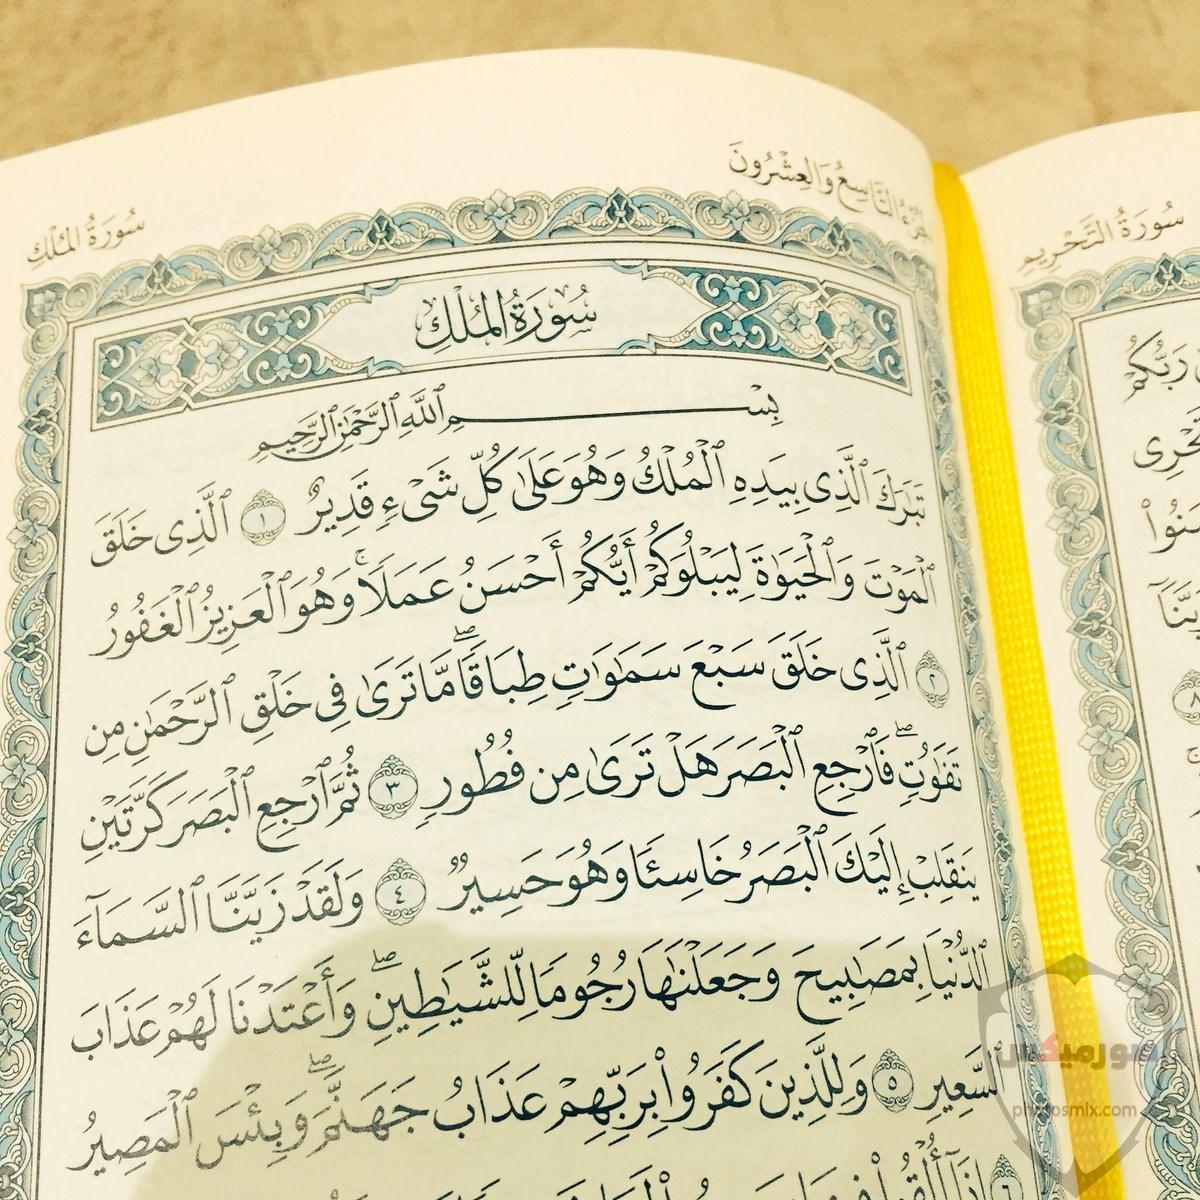 صور قرآن جميلة صور دعاء ادعية مصور صور وخلفيات مكتوب عليها الله 11